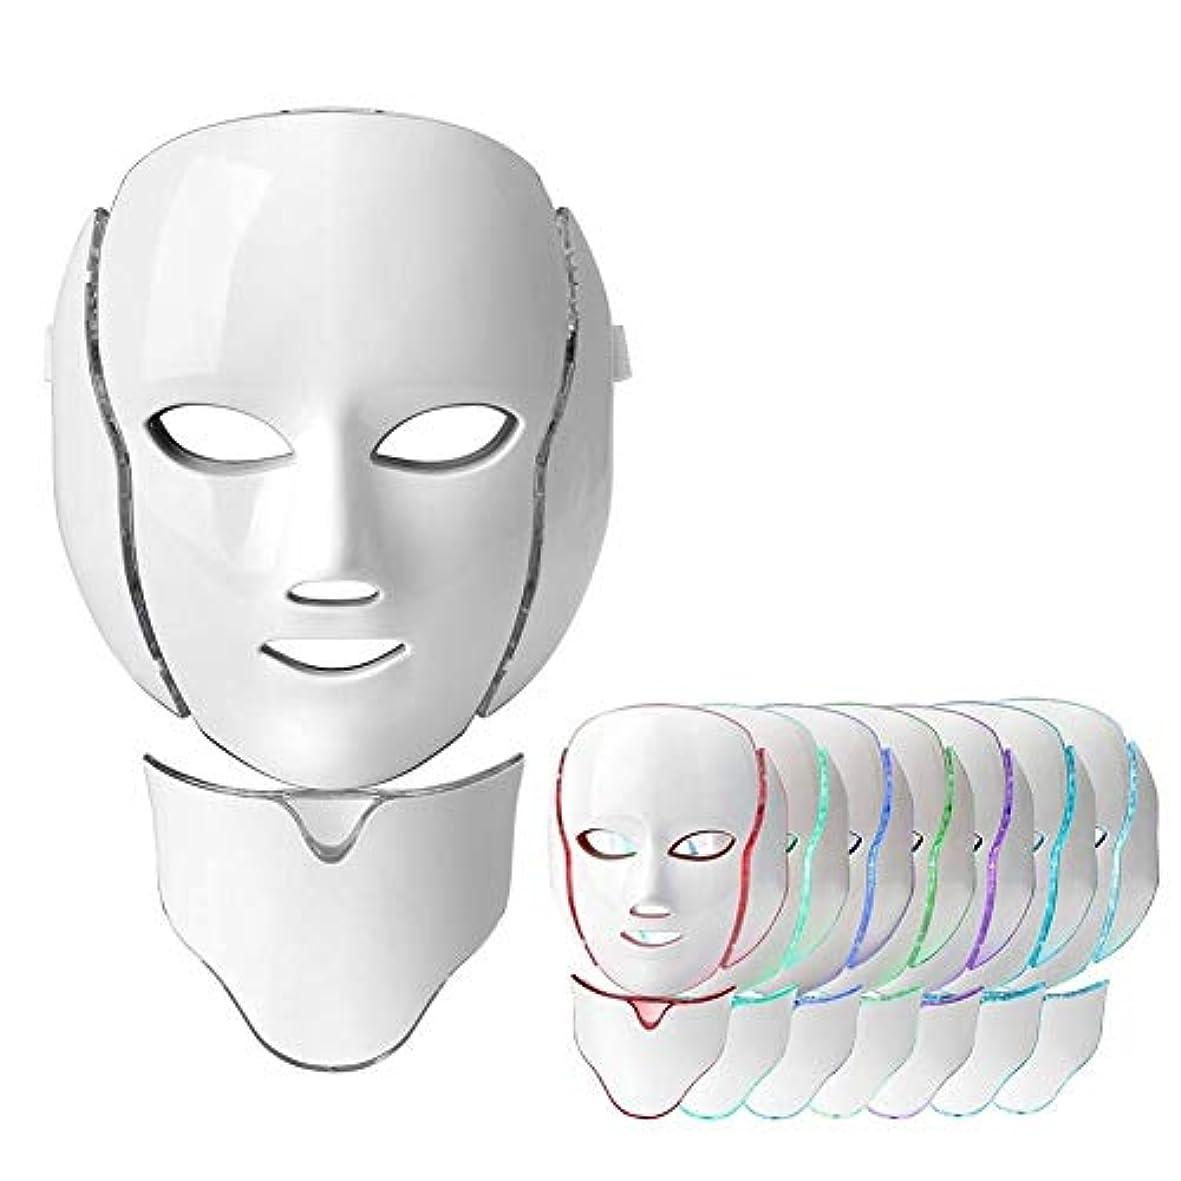 軽蔑する混乱した古いLEDマスク、ライトセラピーにきびマスク、にきび、しみ、にきび、肌のシミ(首)により、7色の光処理フェイス美容スキンケア光線療法マスク